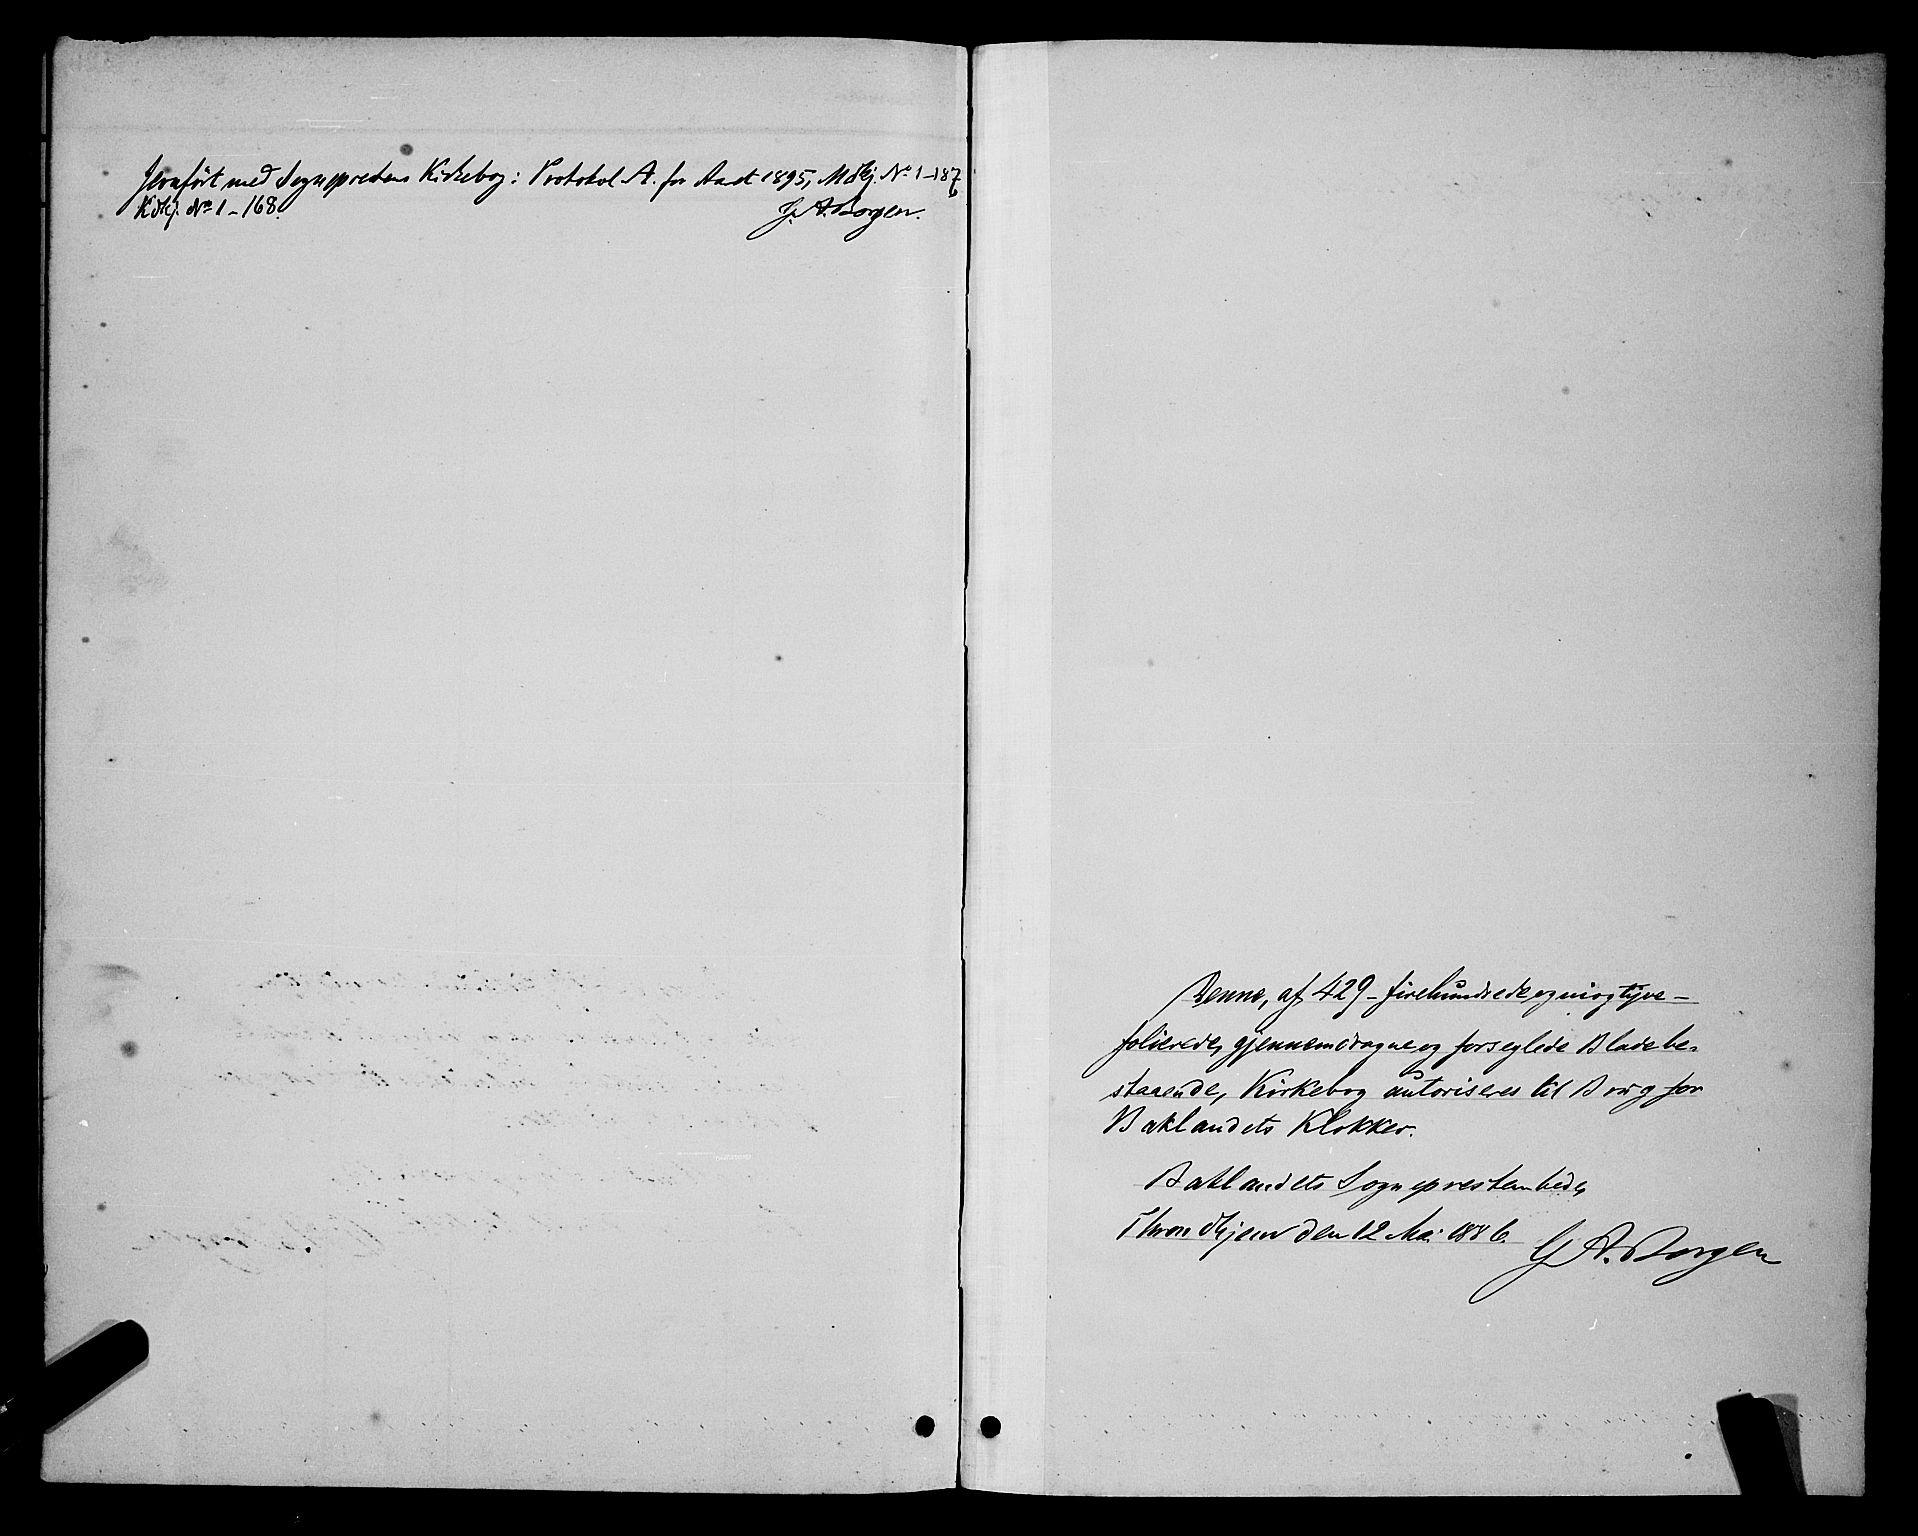 SAT, Ministerialprotokoller, klokkerbøker og fødselsregistre - Sør-Trøndelag, 604/L0222: Klokkerbok nr. 604C05, 1886-1895